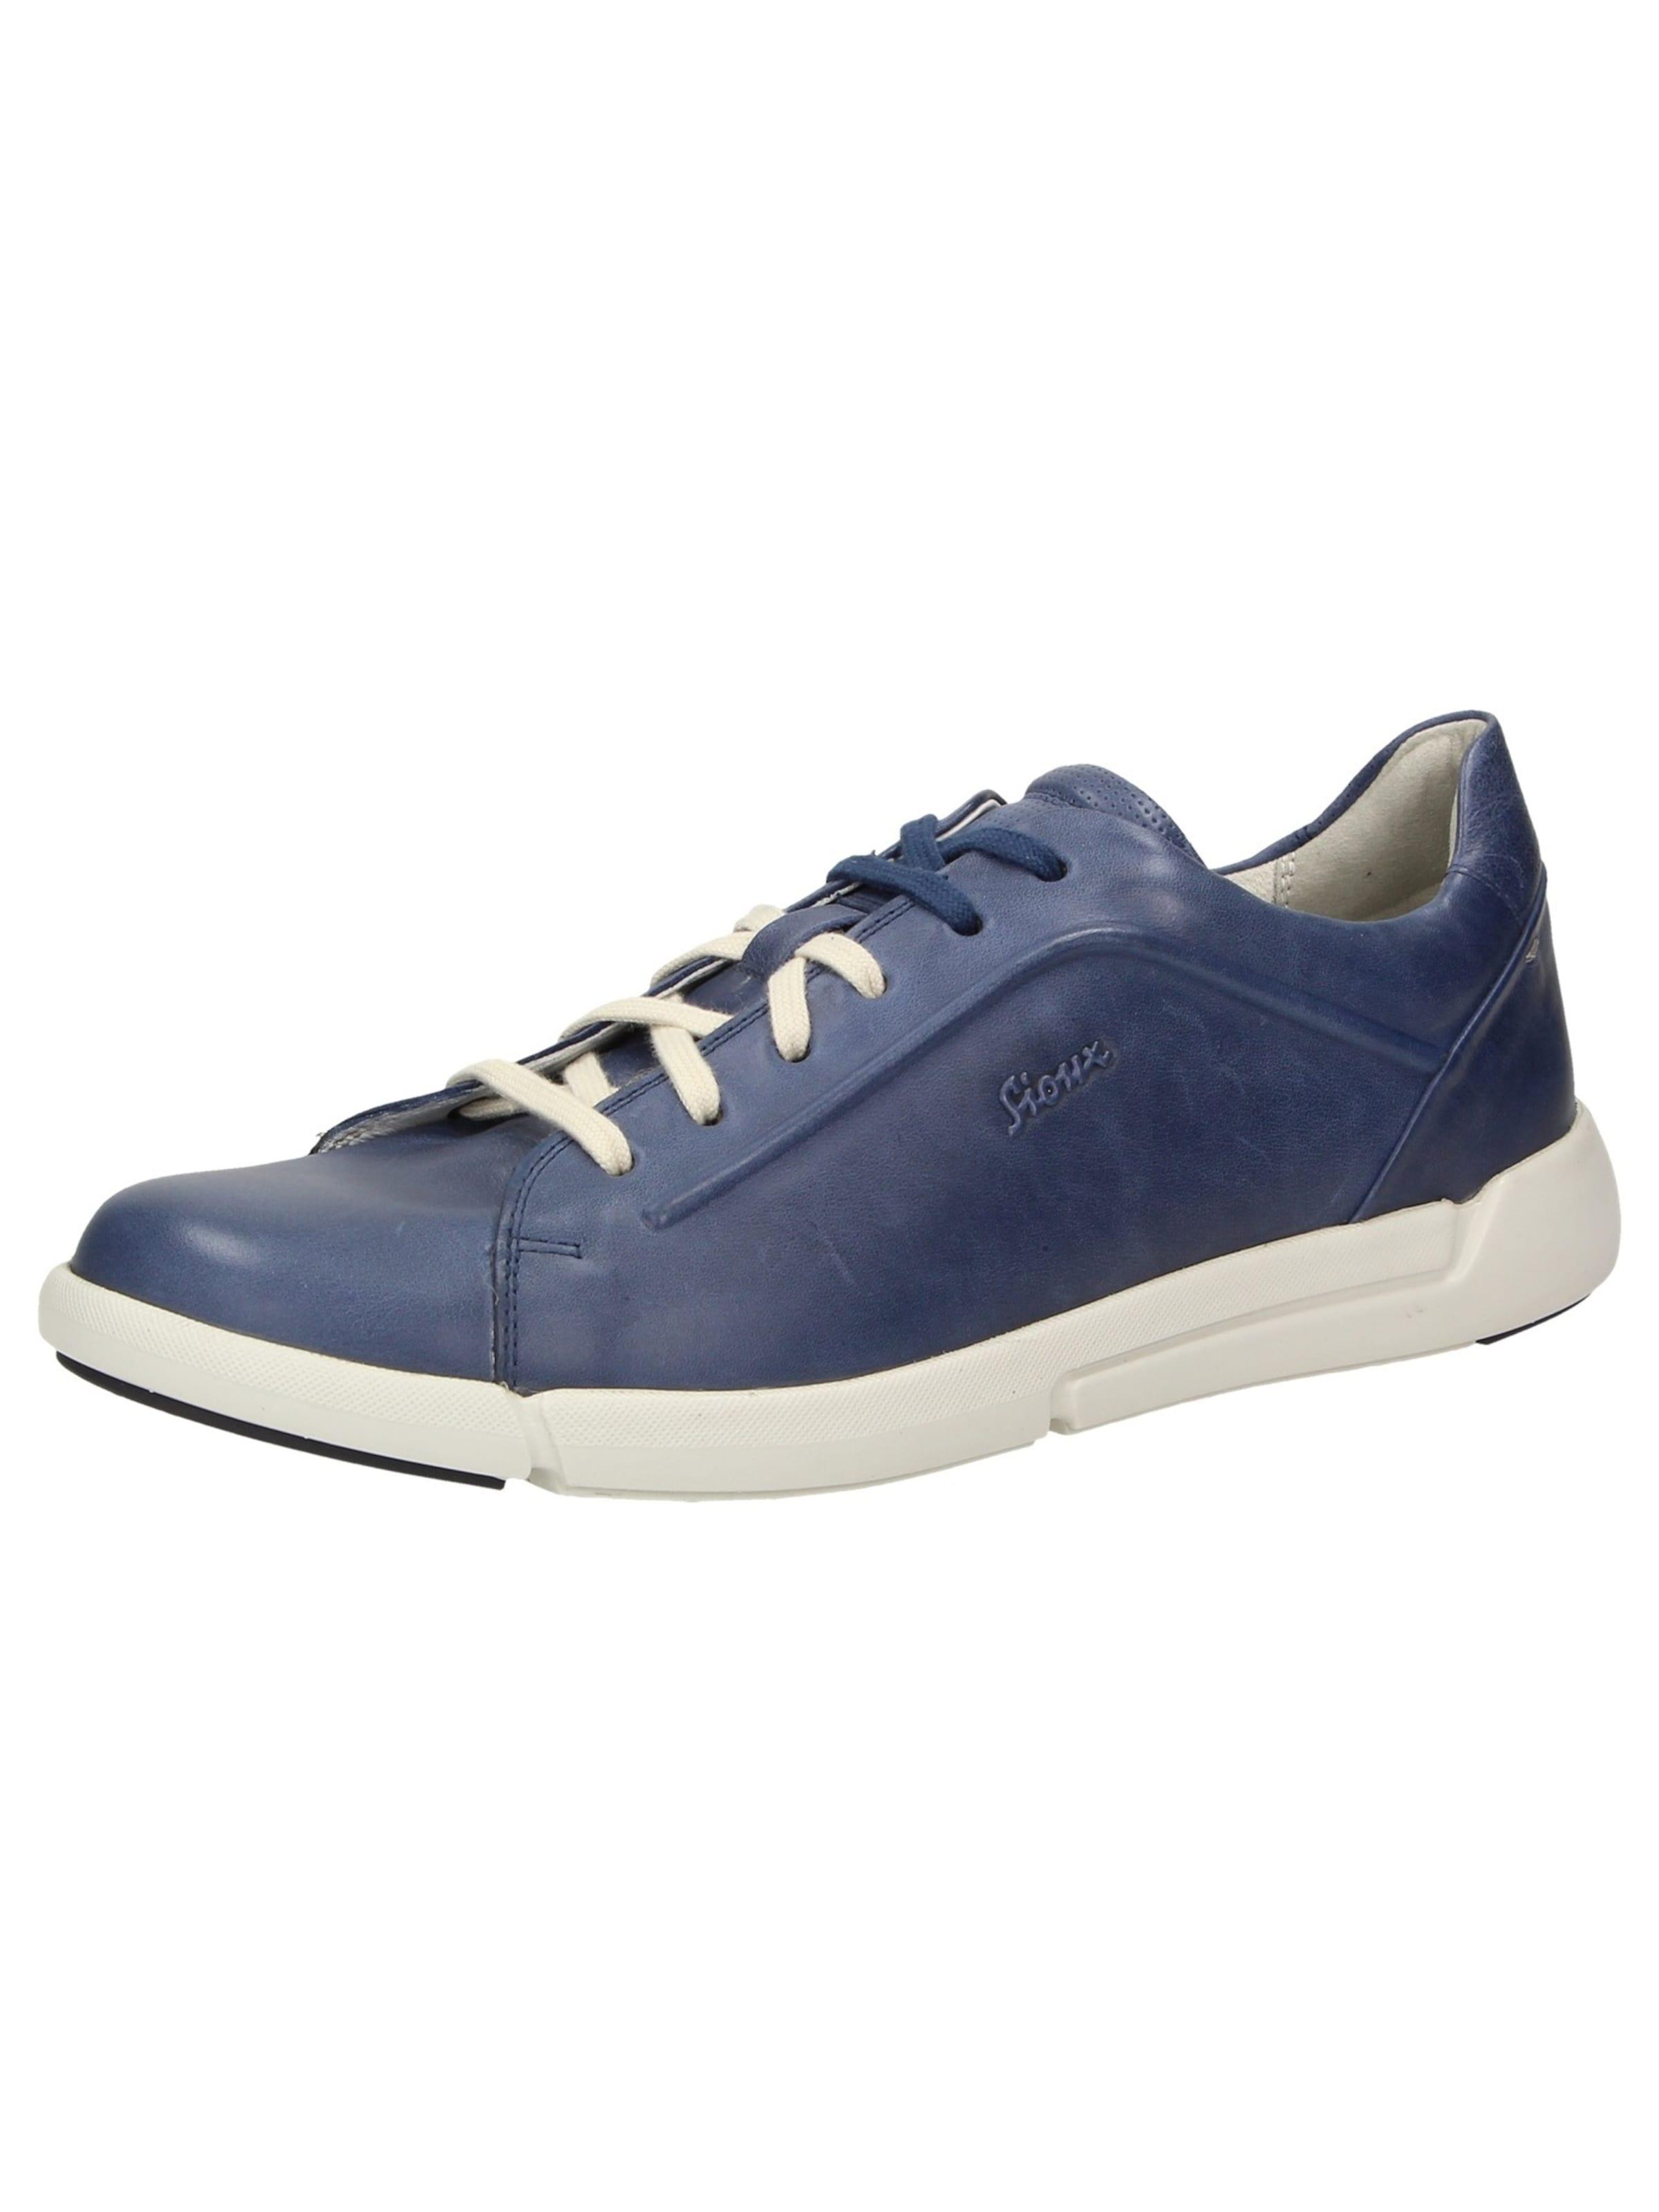 SIOUX Sneaker Runol Verschleißfeste billige Schuhe